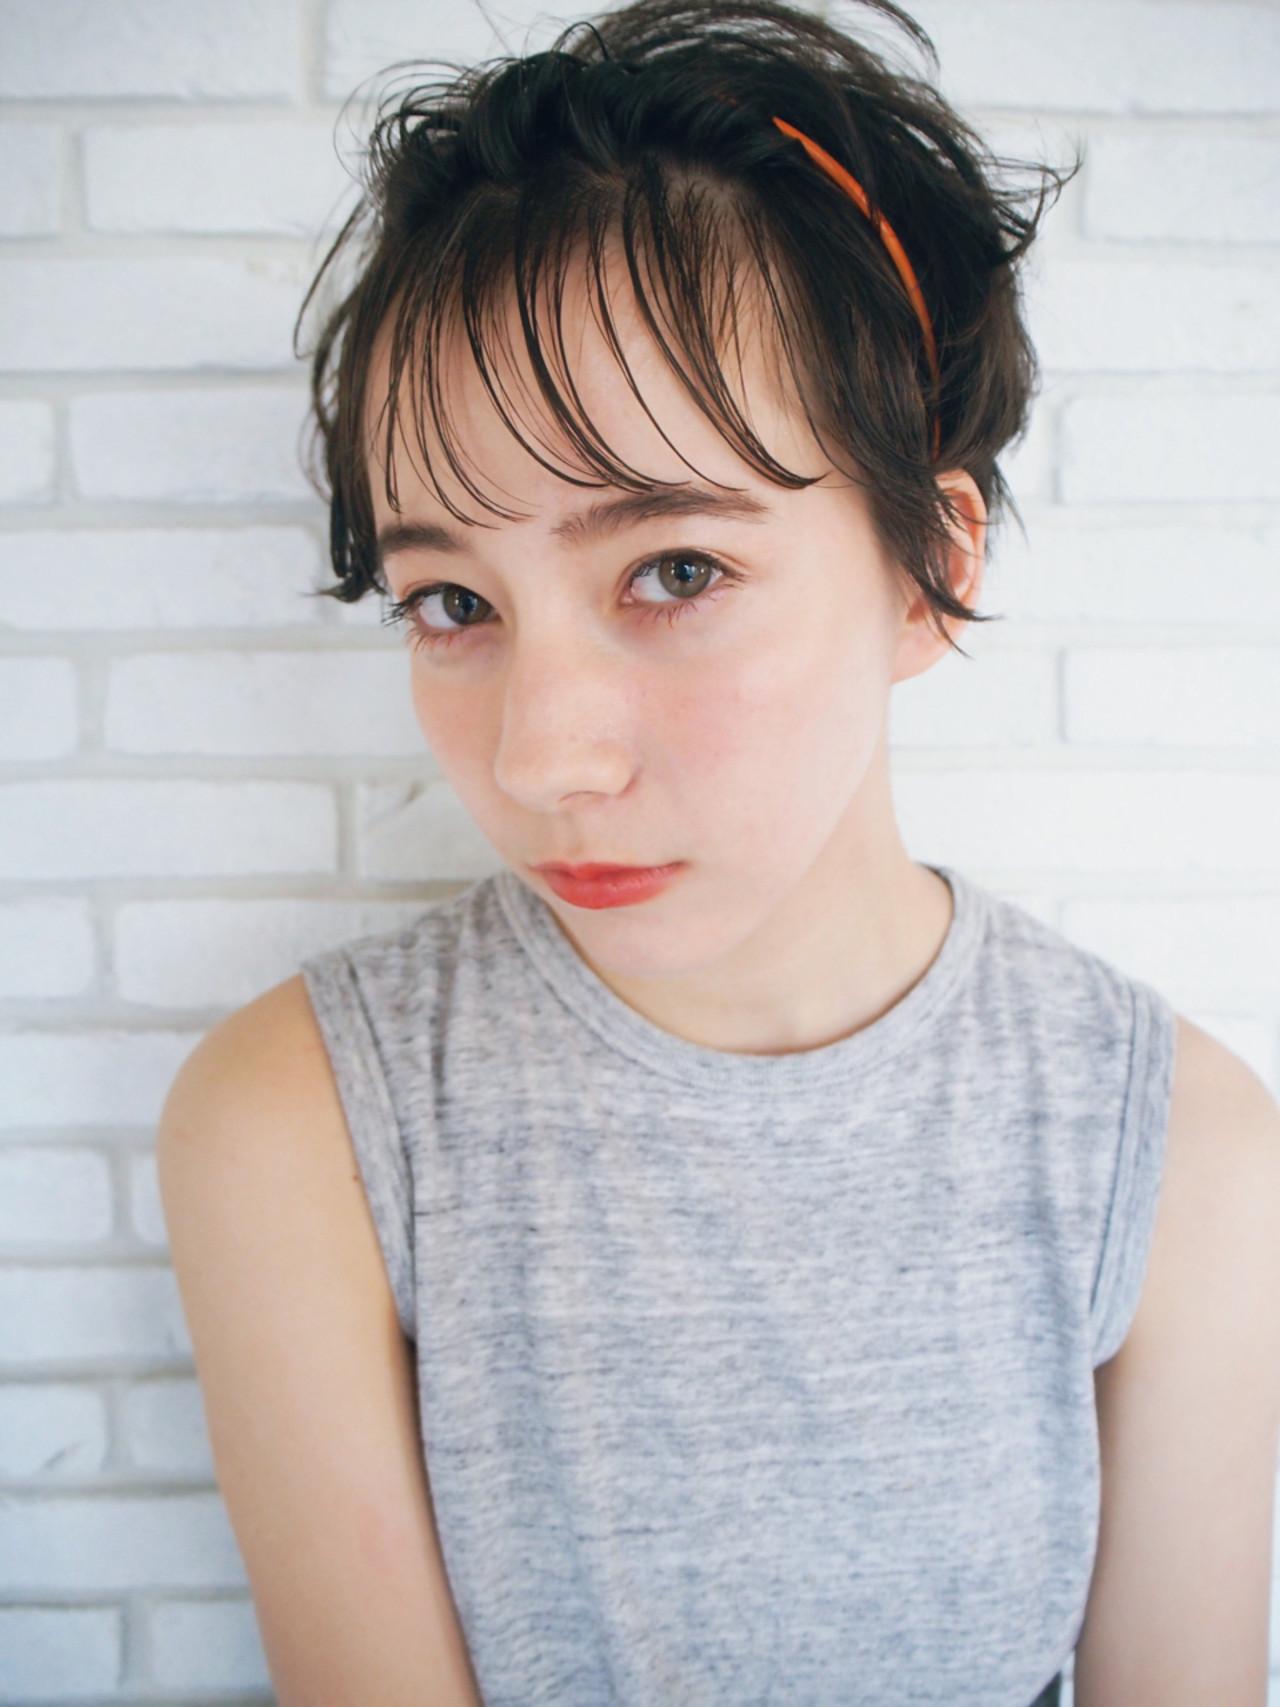 ヘアアレンジ 耳かけ 前髪あり ガーリー ヘアスタイルや髪型の写真・画像